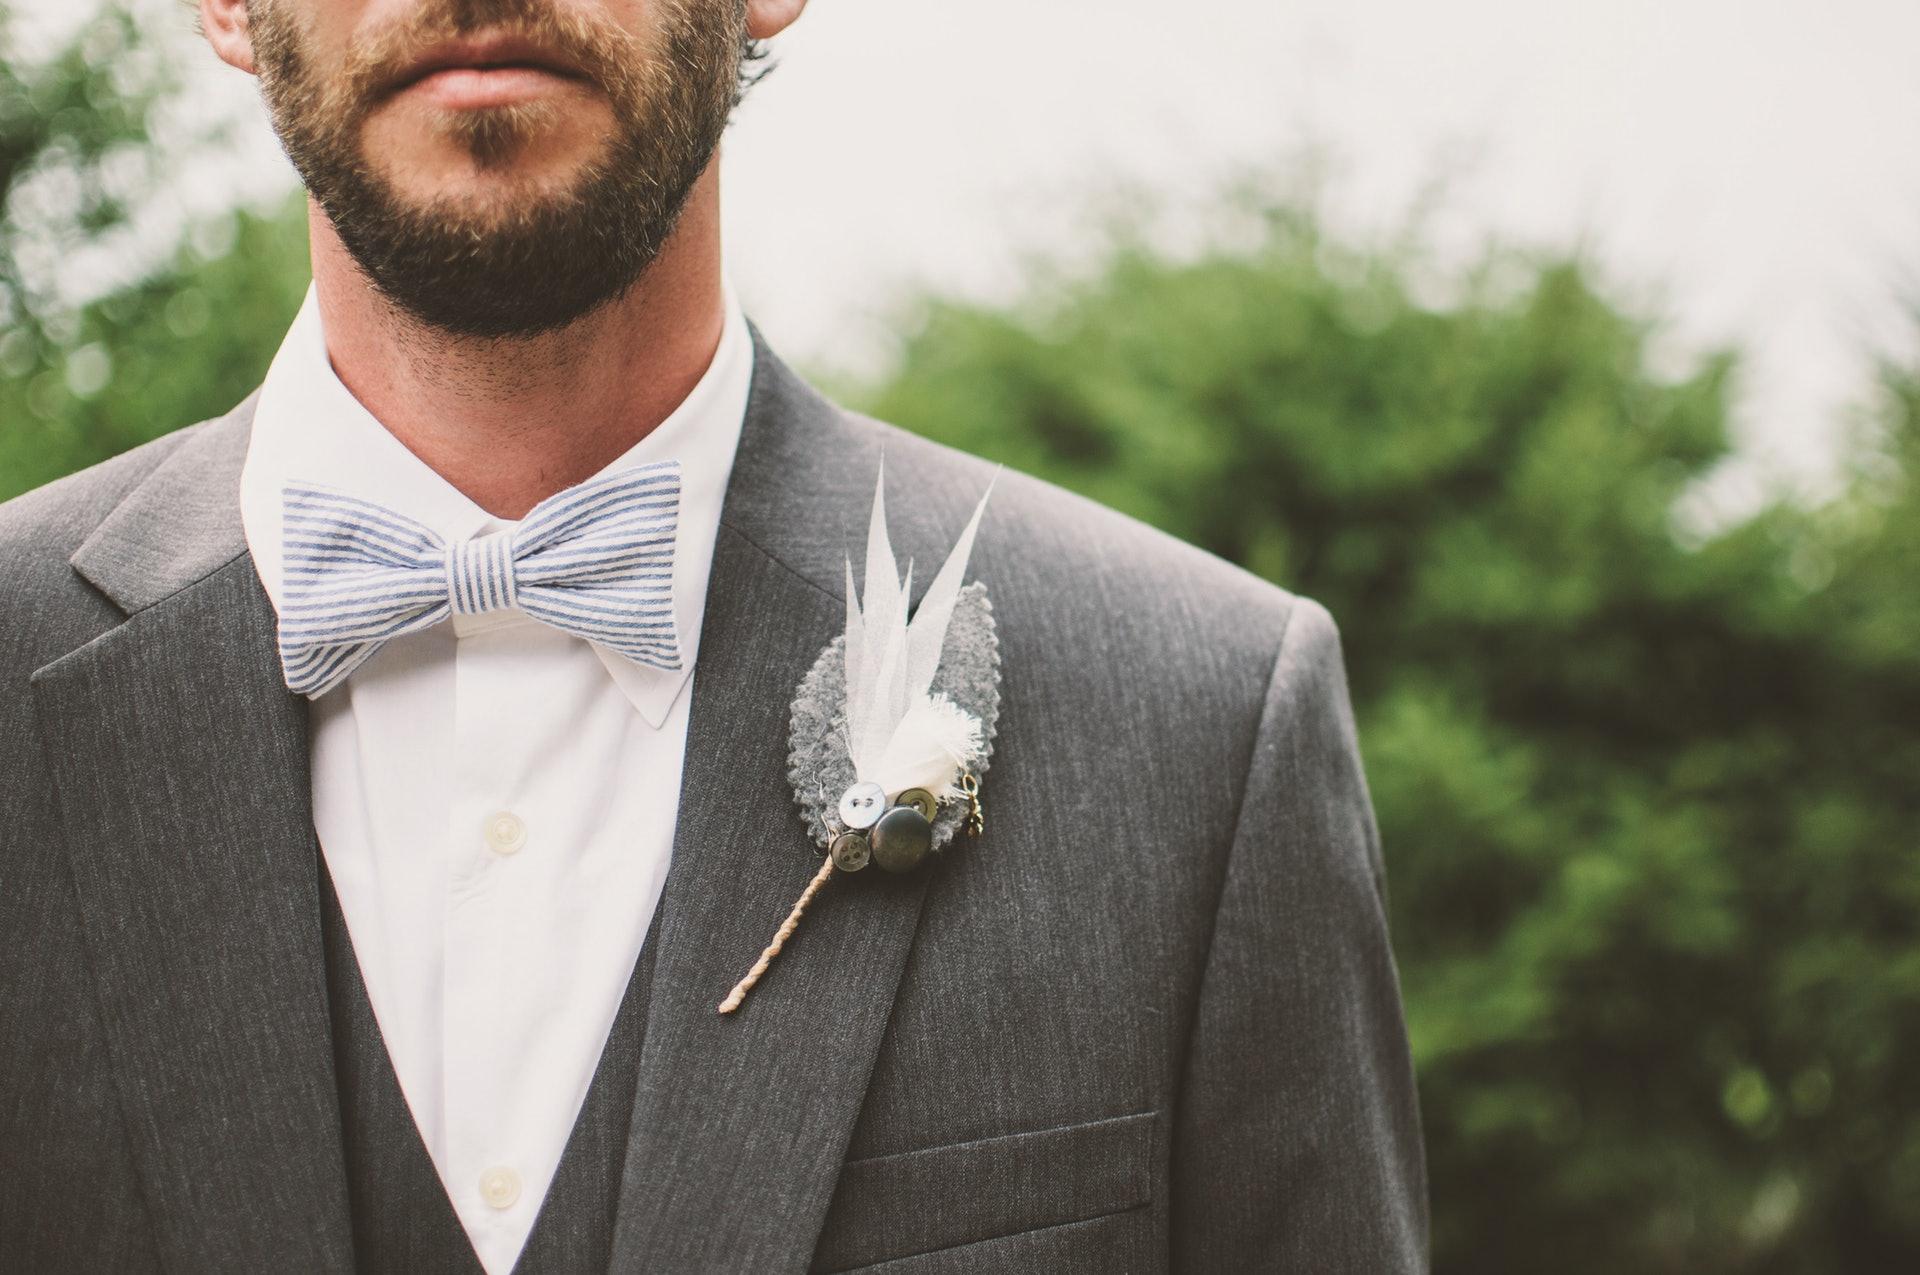 「十一鬍子月」在2004年於澳洲墨爾本開始發起,呼籲於每年的11月都不剃鬍子,期望藉此提高社會各界對男性身心健康問題的關注。(Scott Webb/unsplash)